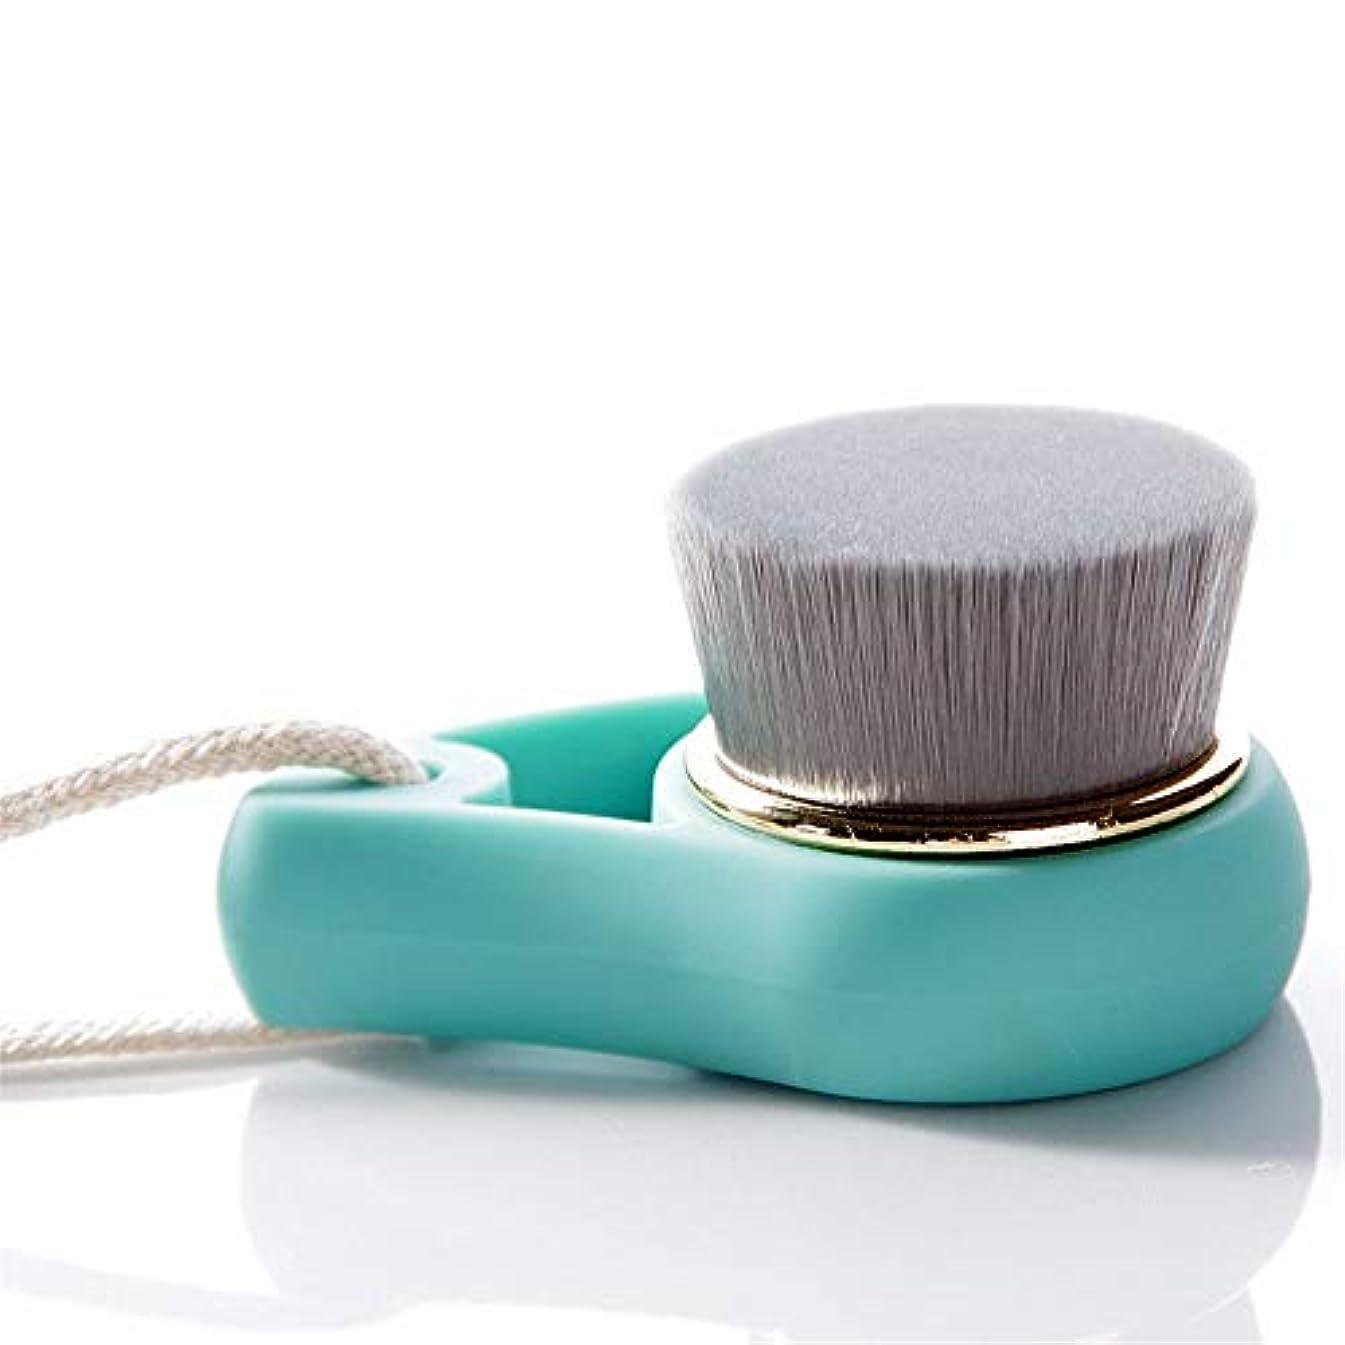 素朴な母性訴える洗顔ブラシ ソフト剛毛フェイスクリーニング美容ブラシ女性のクレンジングブラシ ディープクレンジングスキンケア用